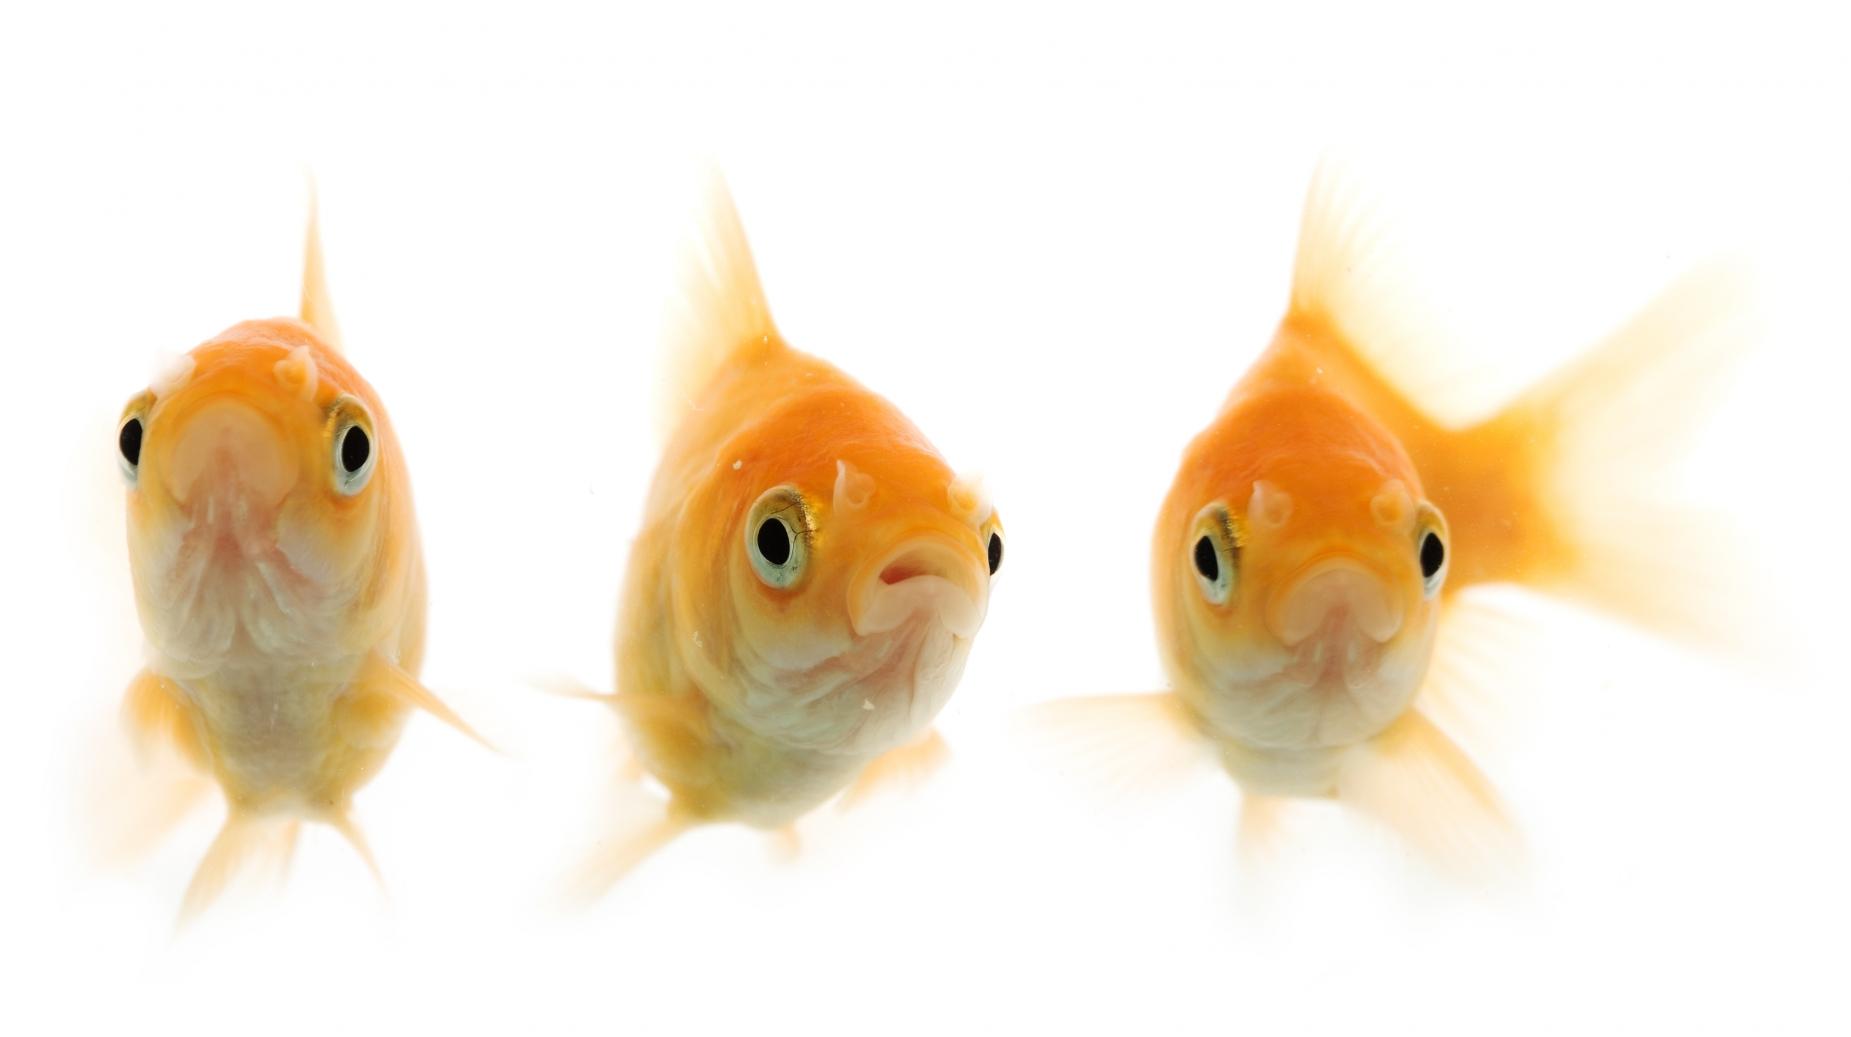 Aquatic science fair projects for aquarium lovers for Fishing science fair projects